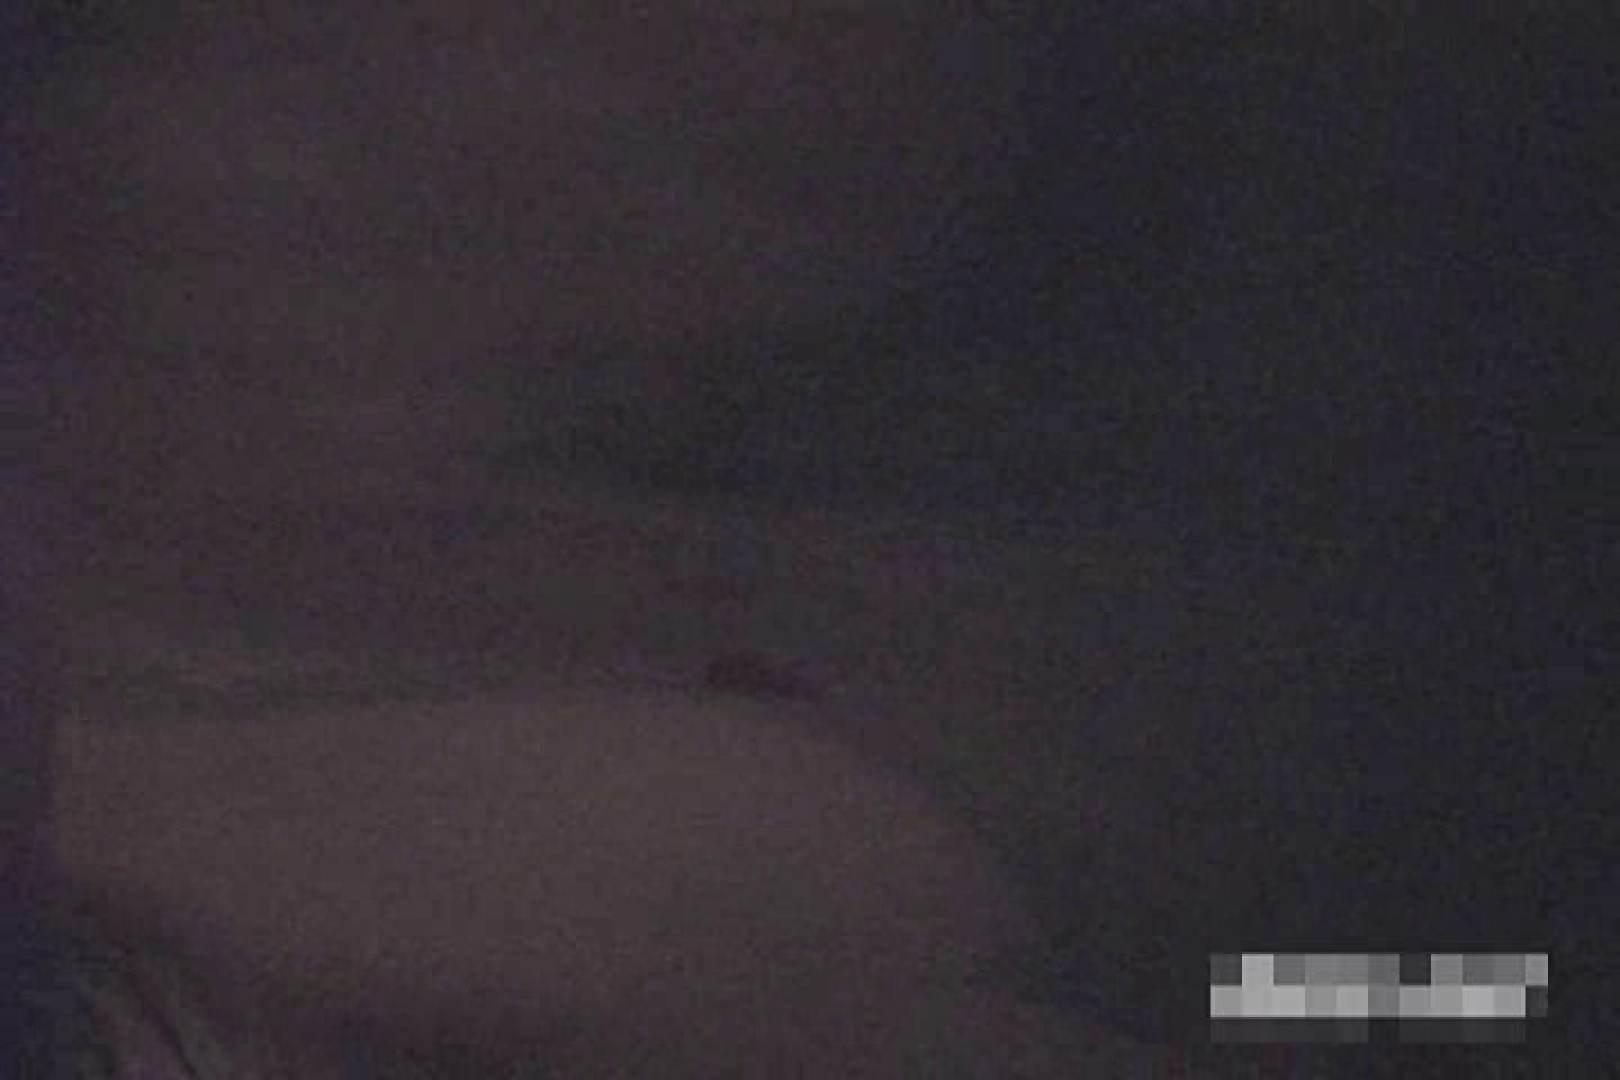 深夜の撮影会Vol.4 OLの実態 覗きワレメ動画紹介 63pic 20